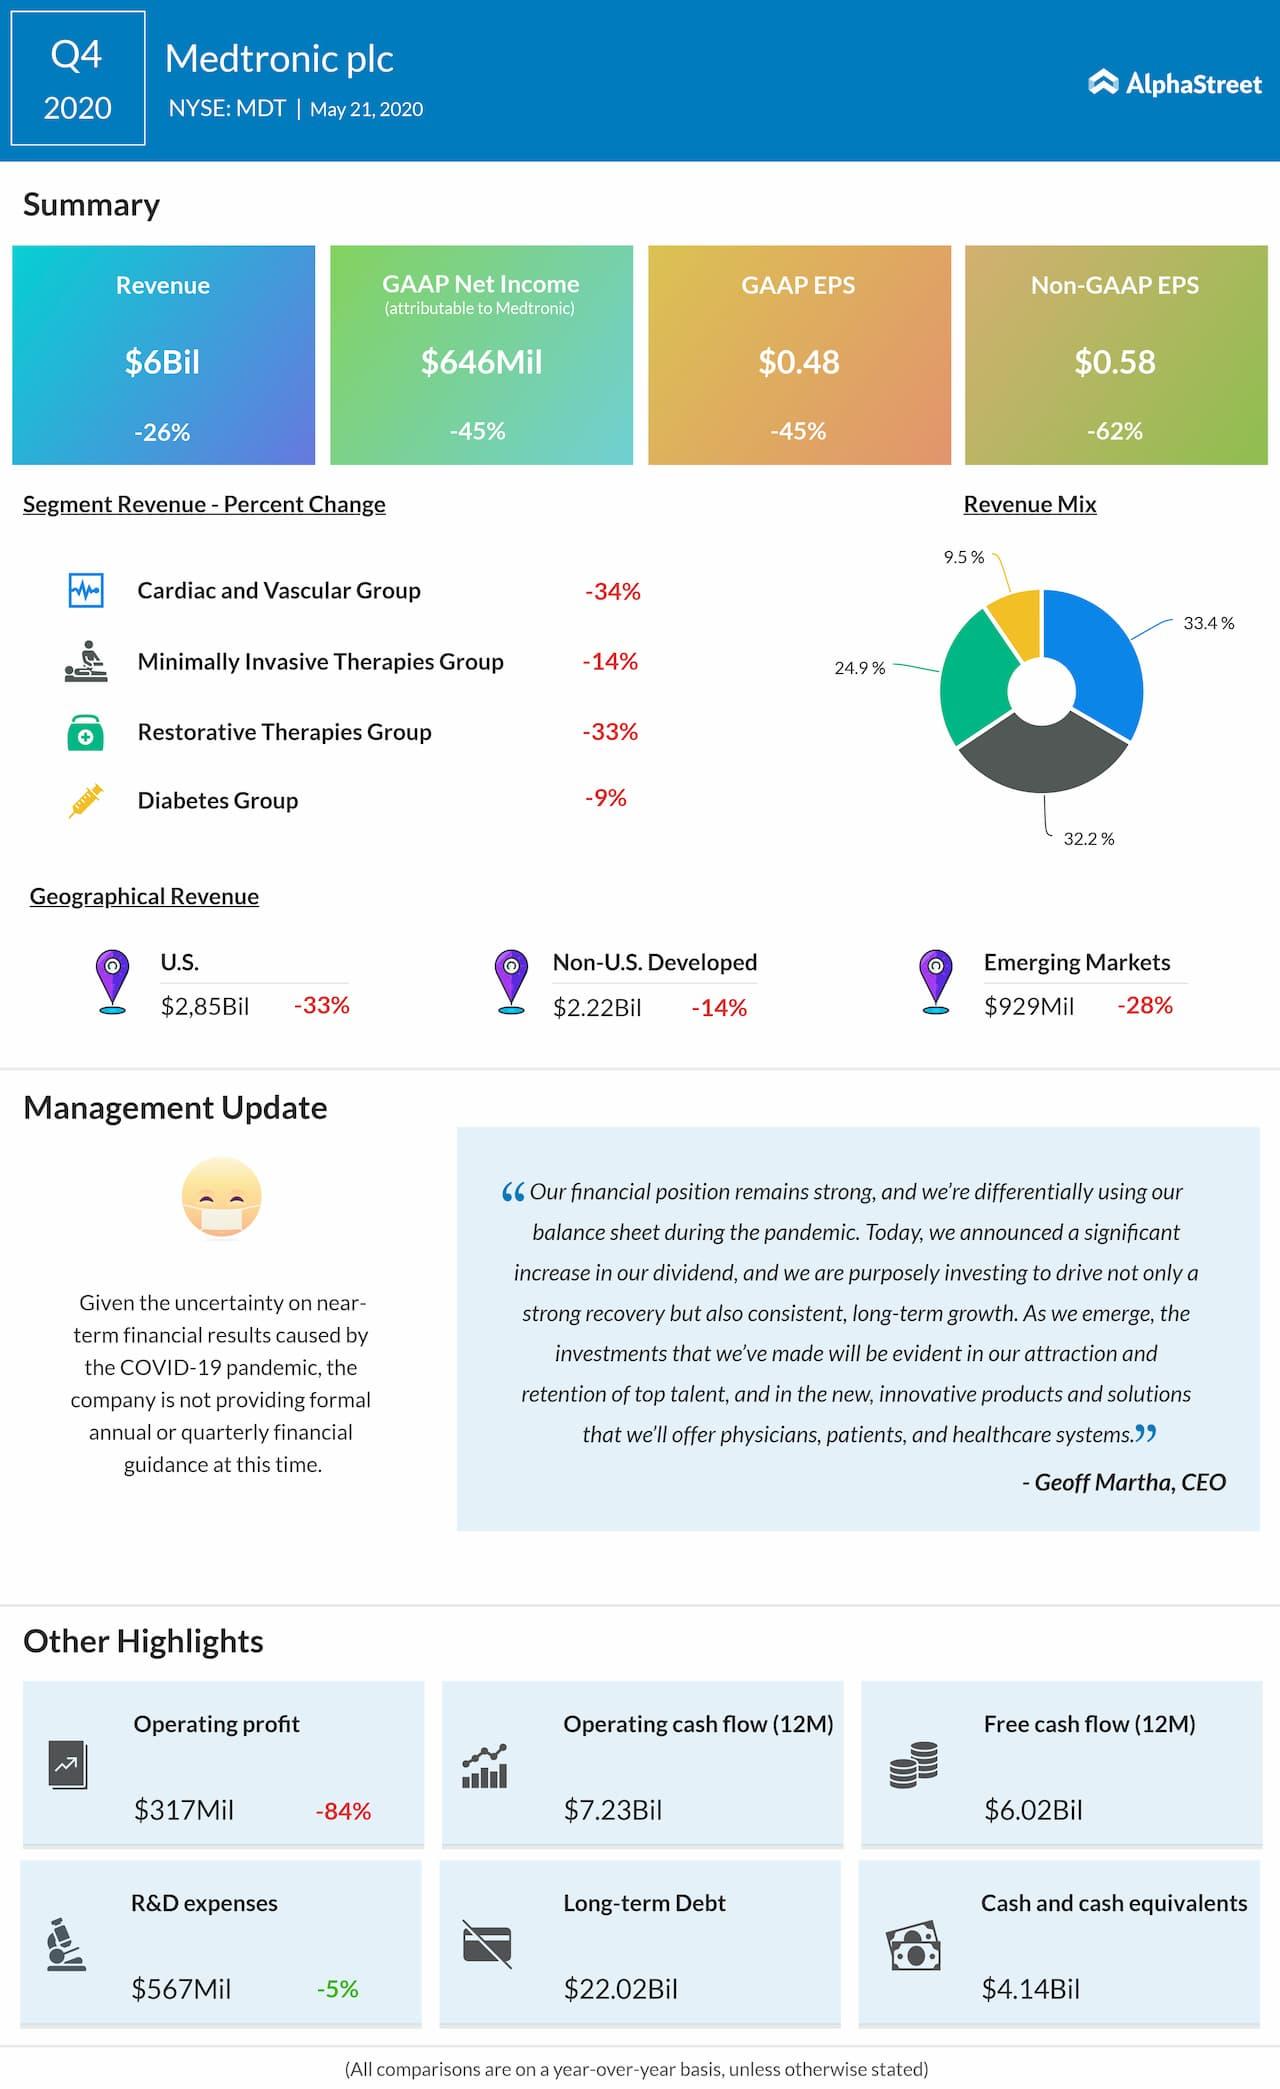 Medtronic (MDT) Q4 2020 earnings review